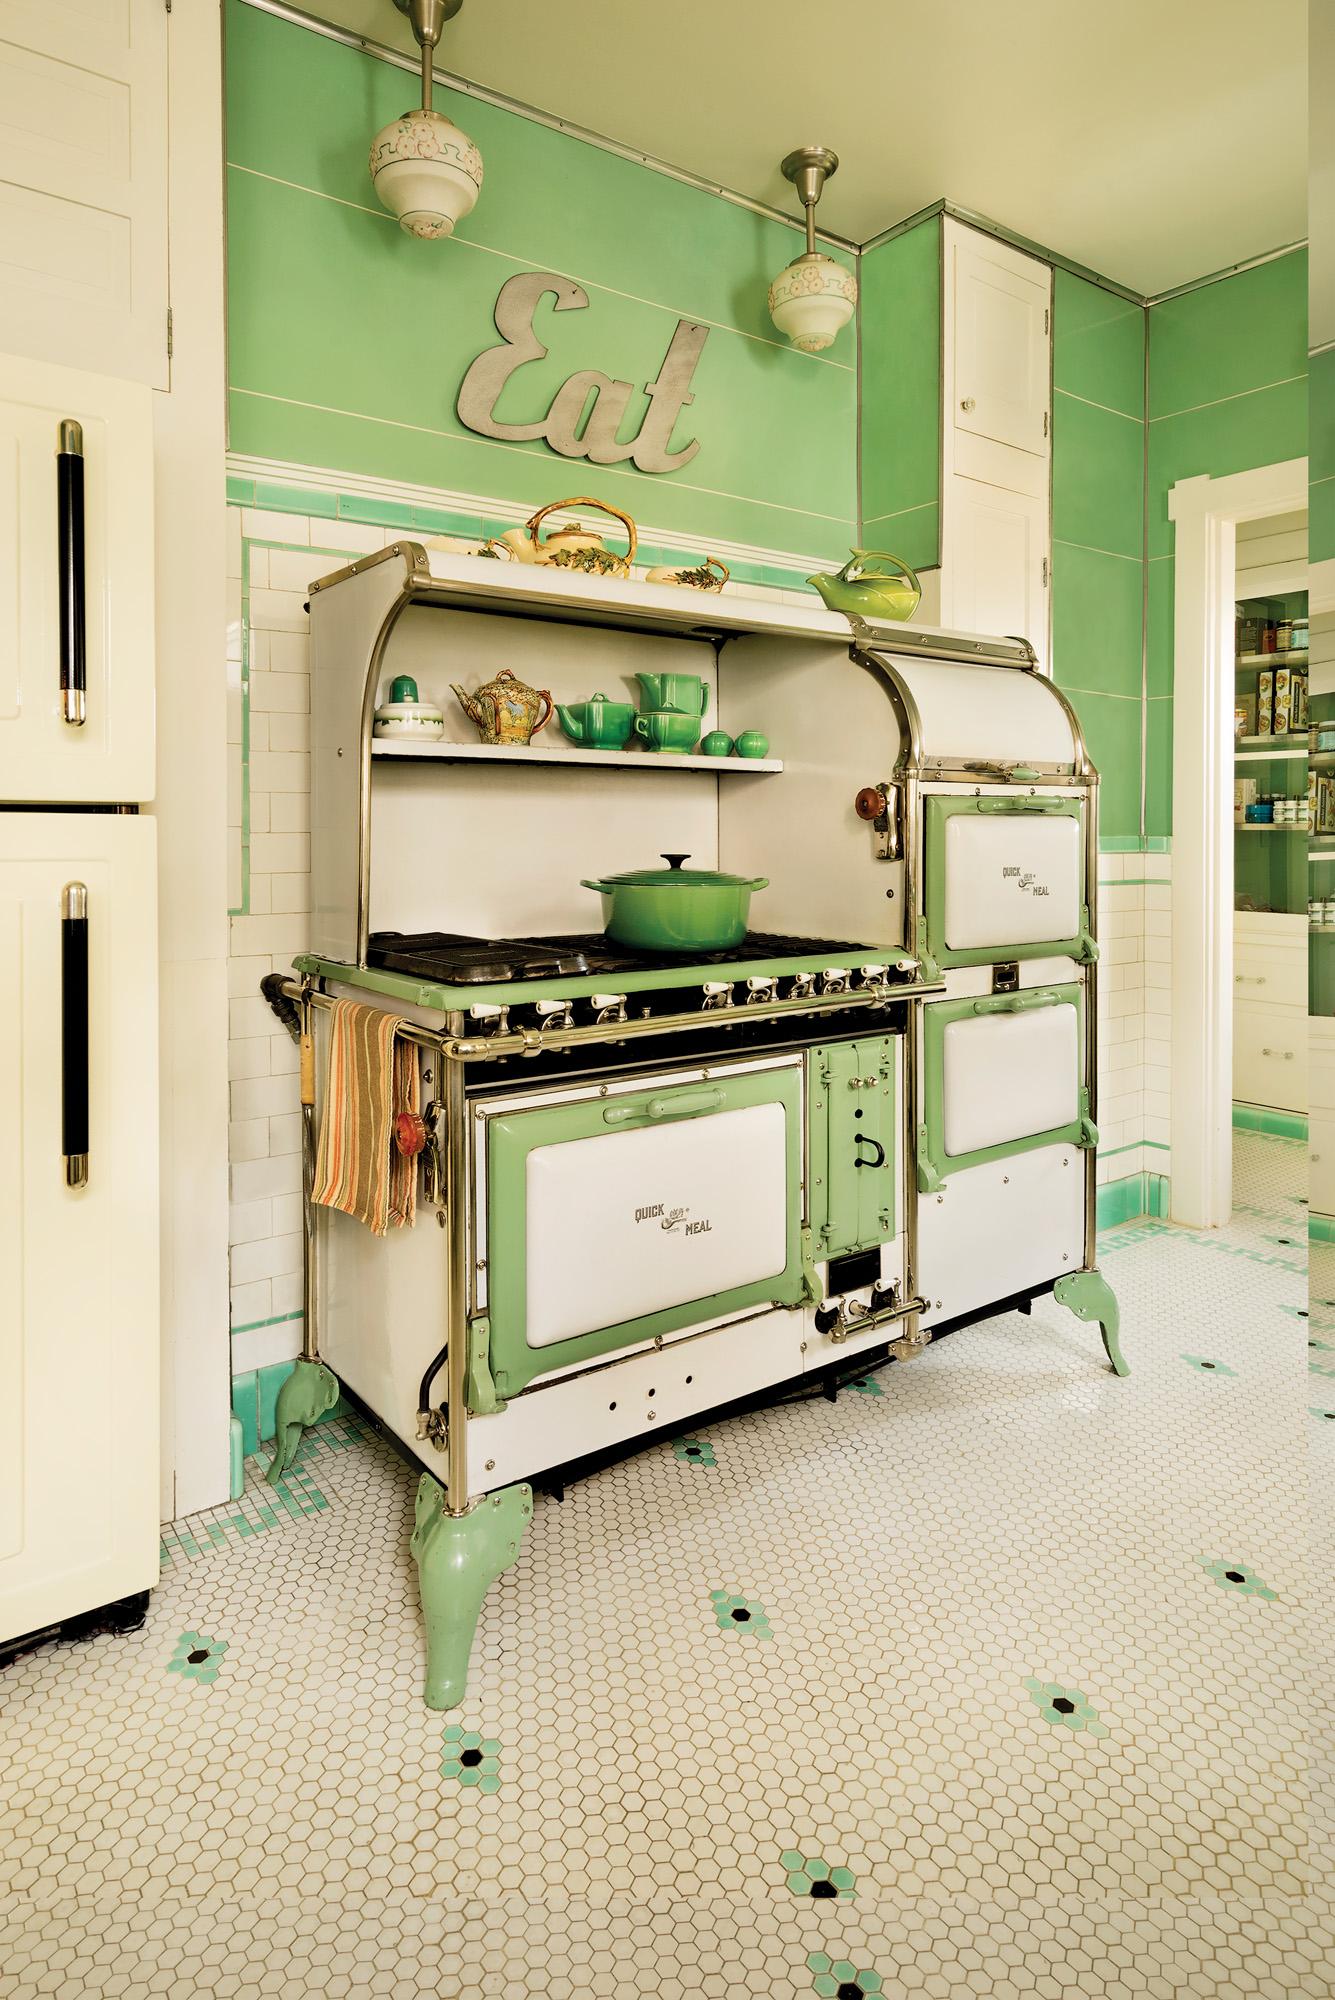 1930s stove